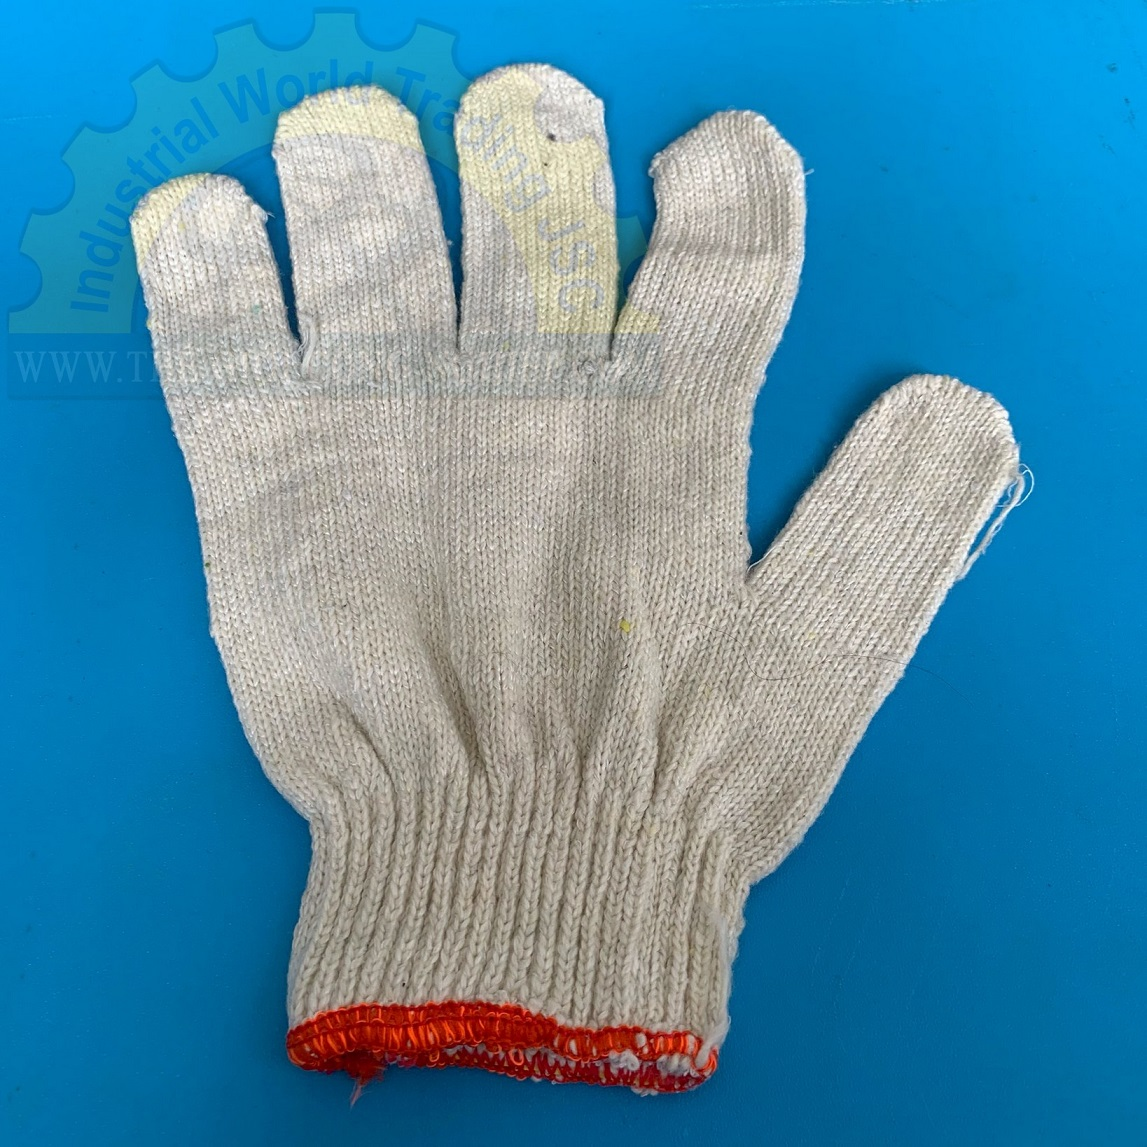 Găng tay len kem K7 50g cổ ngắn  TGCN-29602 OEM-1214